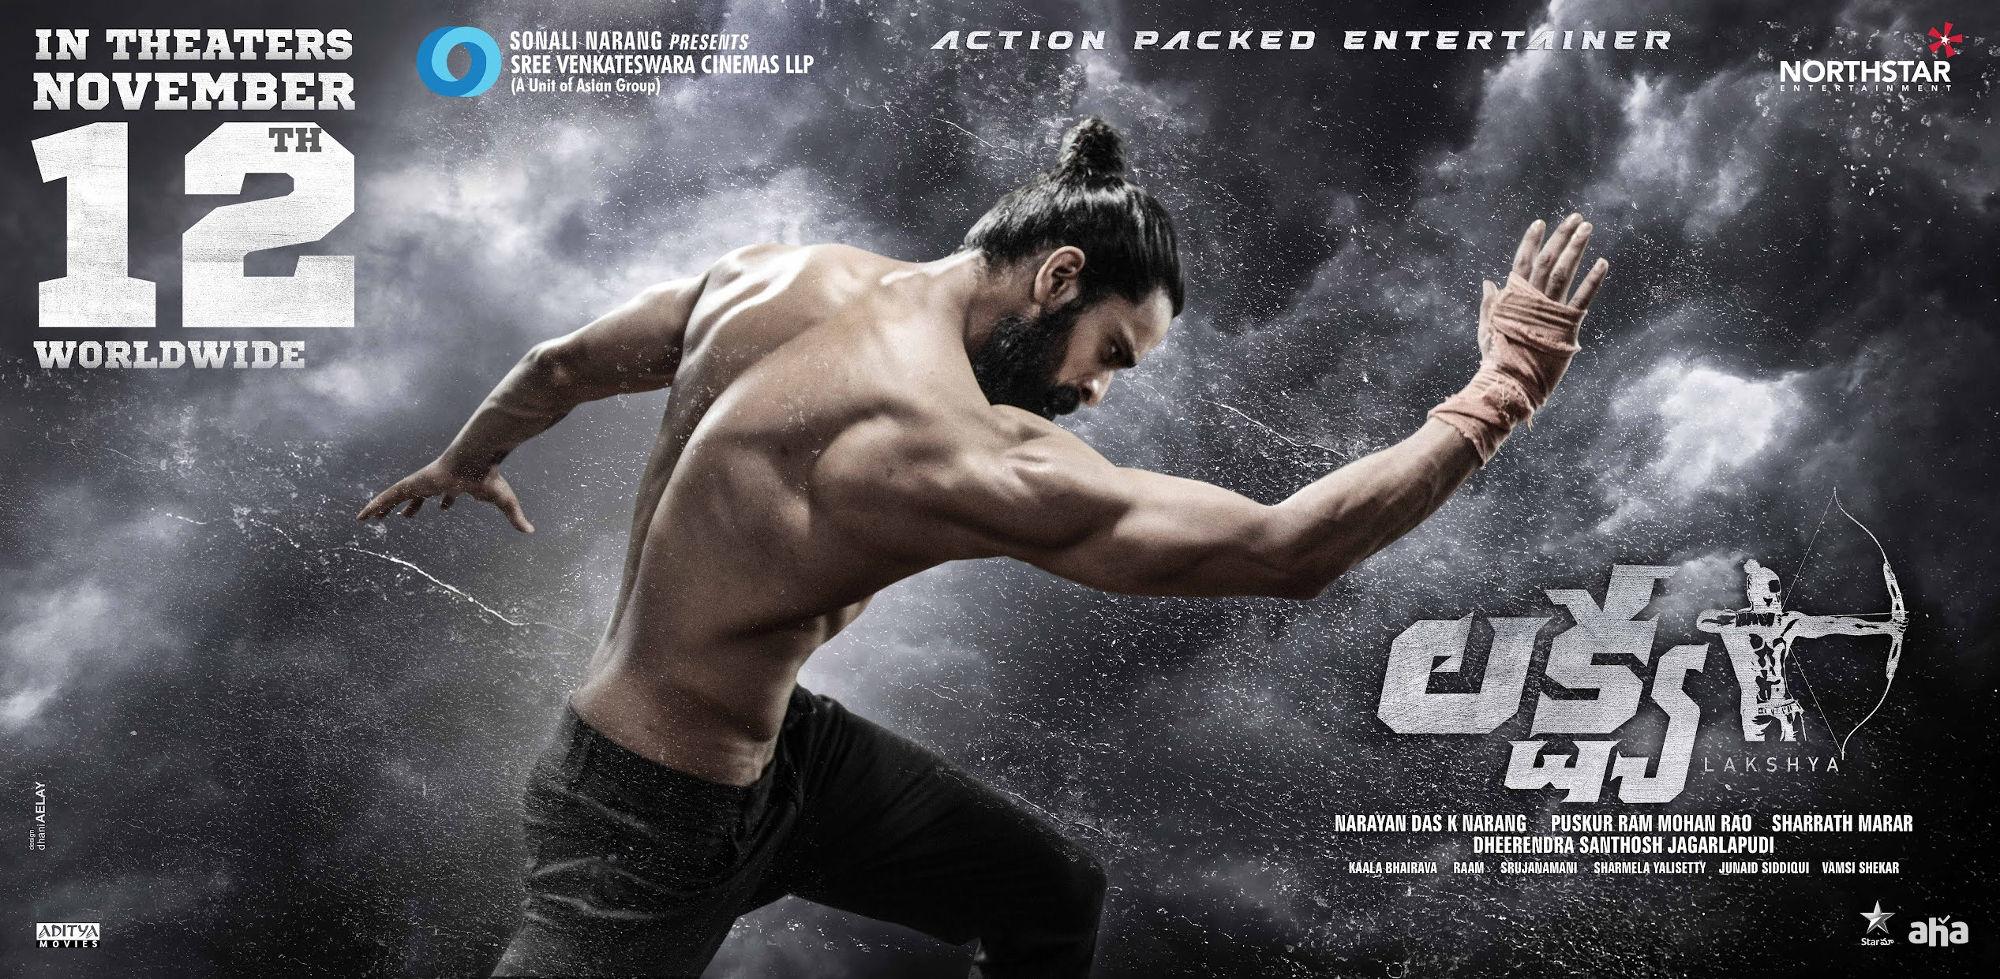 Naga Shaurya LAKSHYA Movie Release On November 12